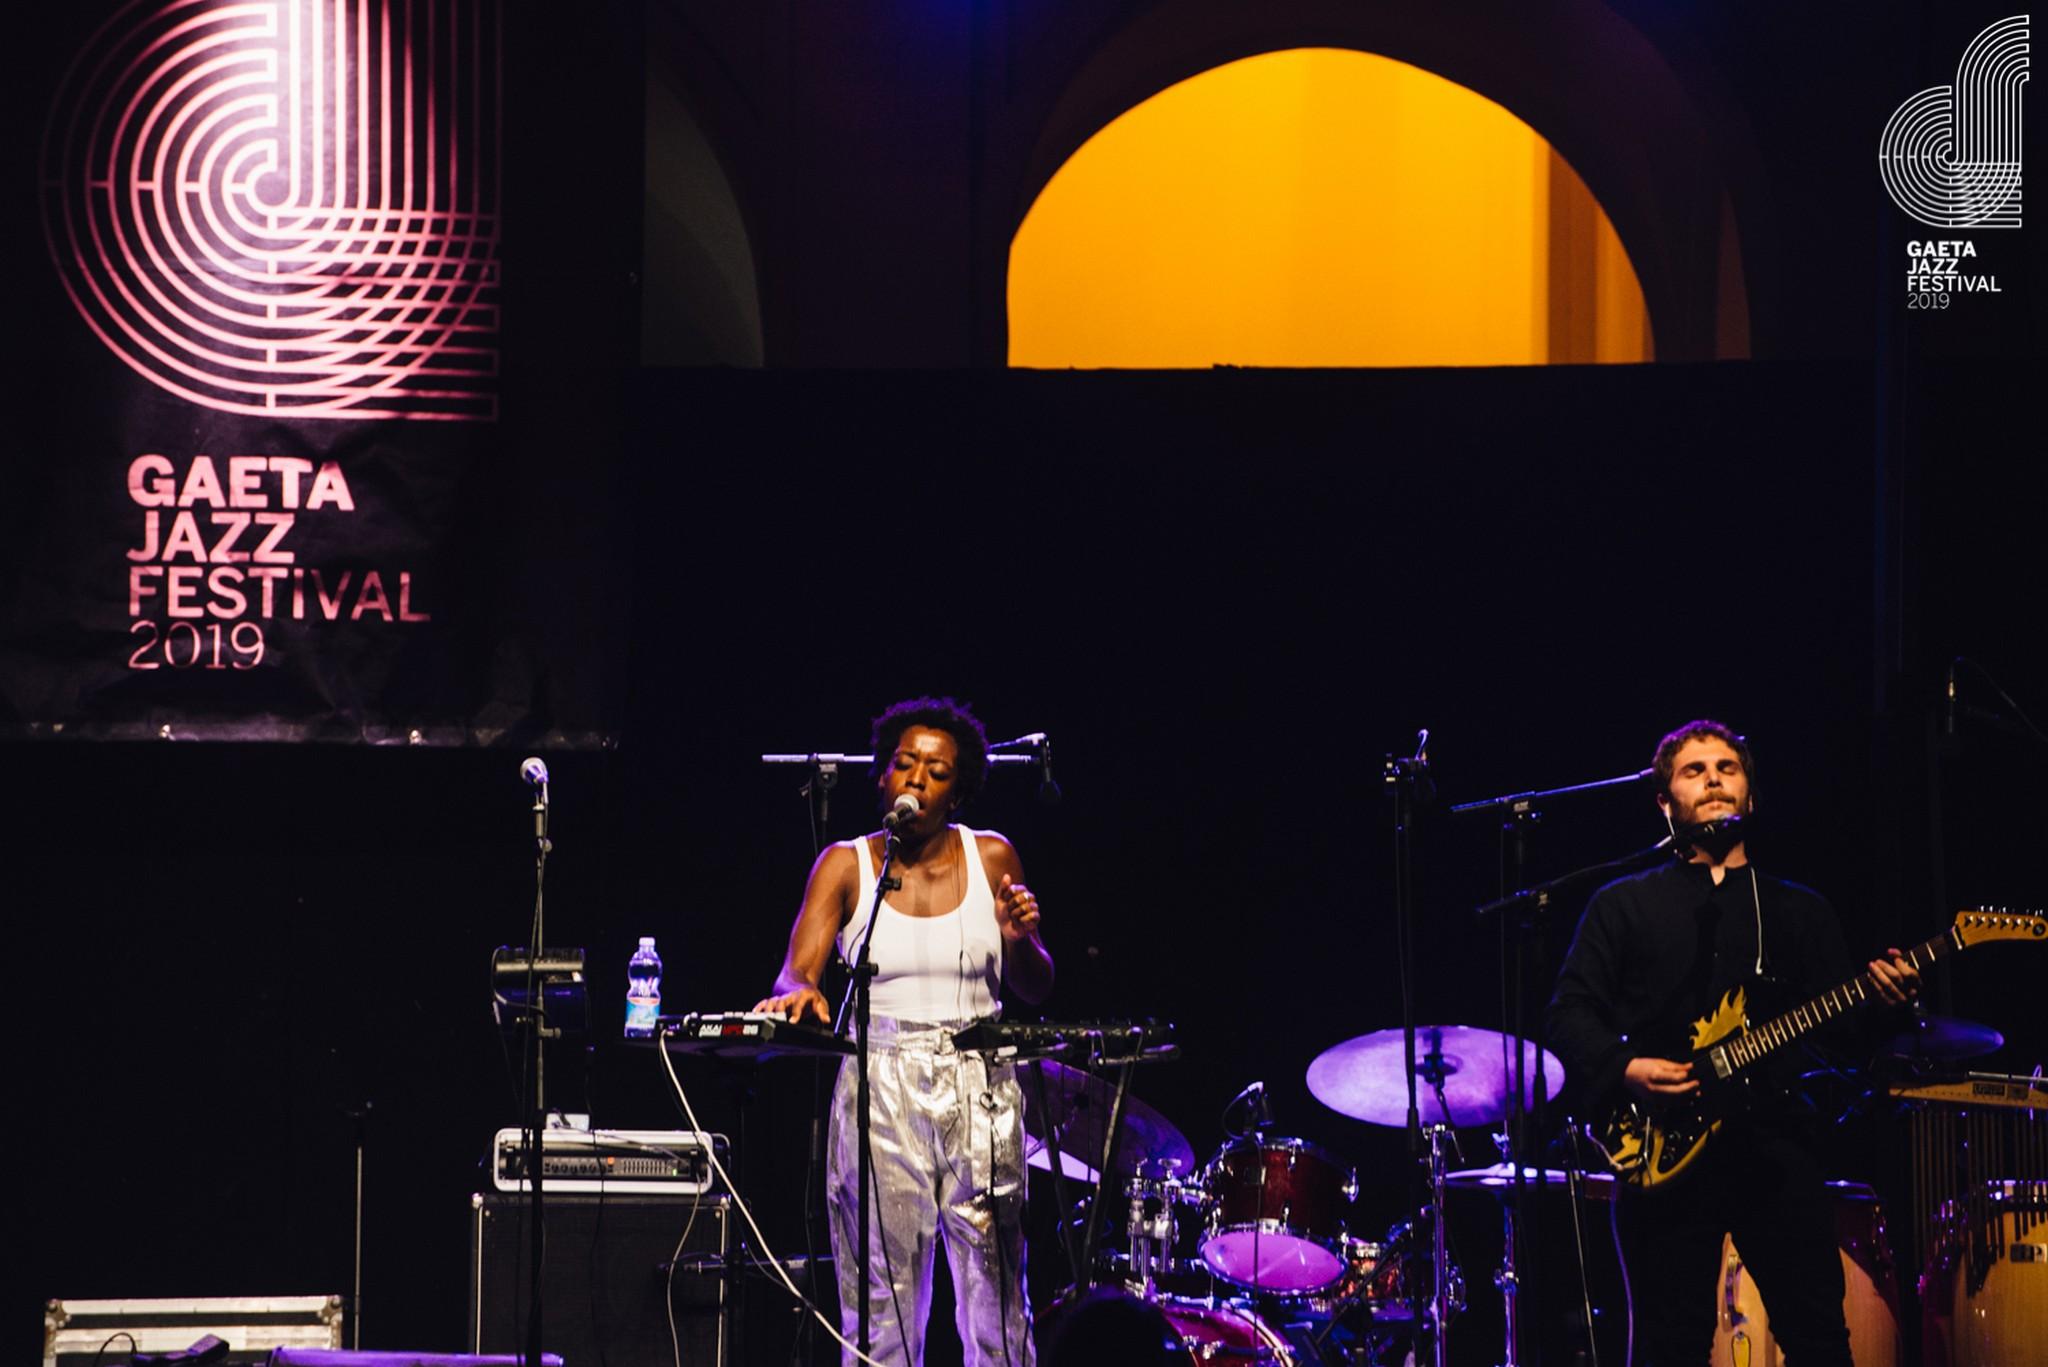 Flavia_Fiengo_Gaeta_Jazz_Festival_live_2019__00054